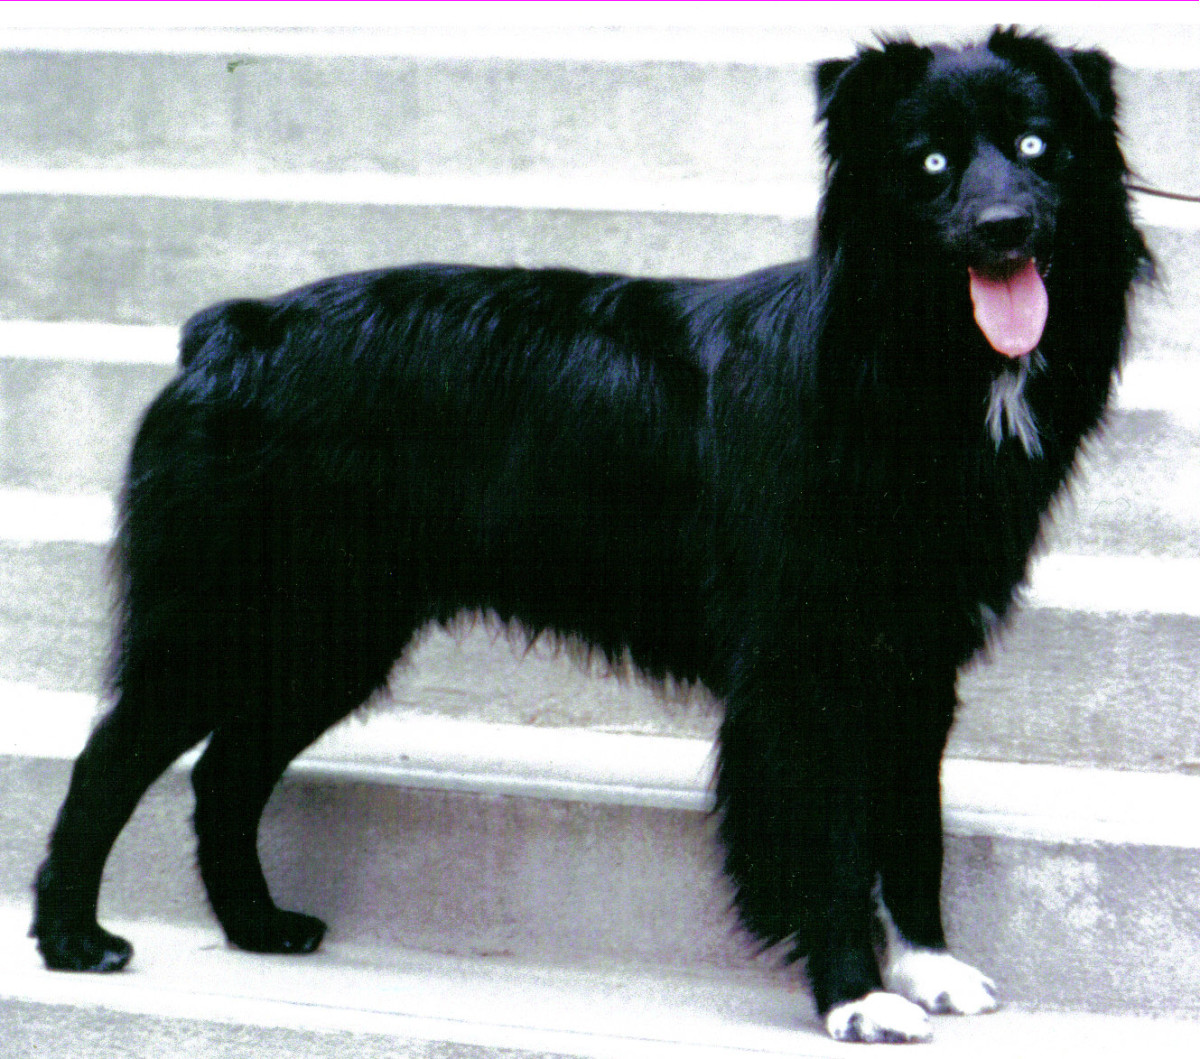 A black Australian Shepherd with white paws